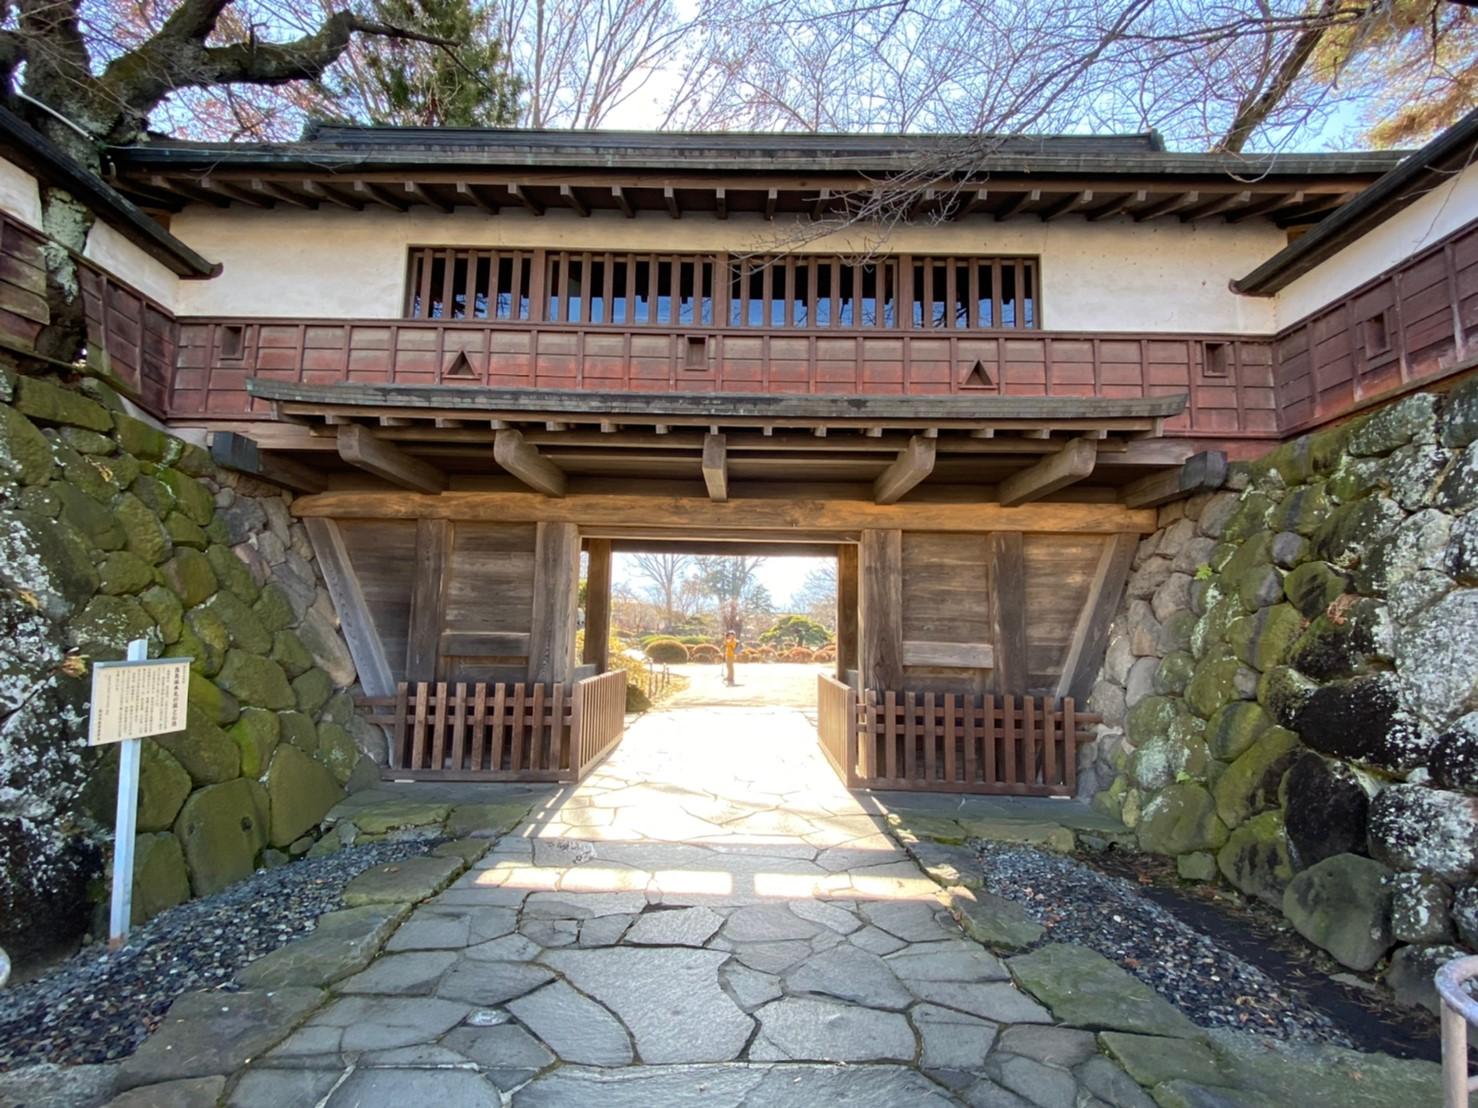 『高島城』を120%楽しむ観光ガイド(写真スポット・アクセス・御朱印・駐車場)を徹底紹介